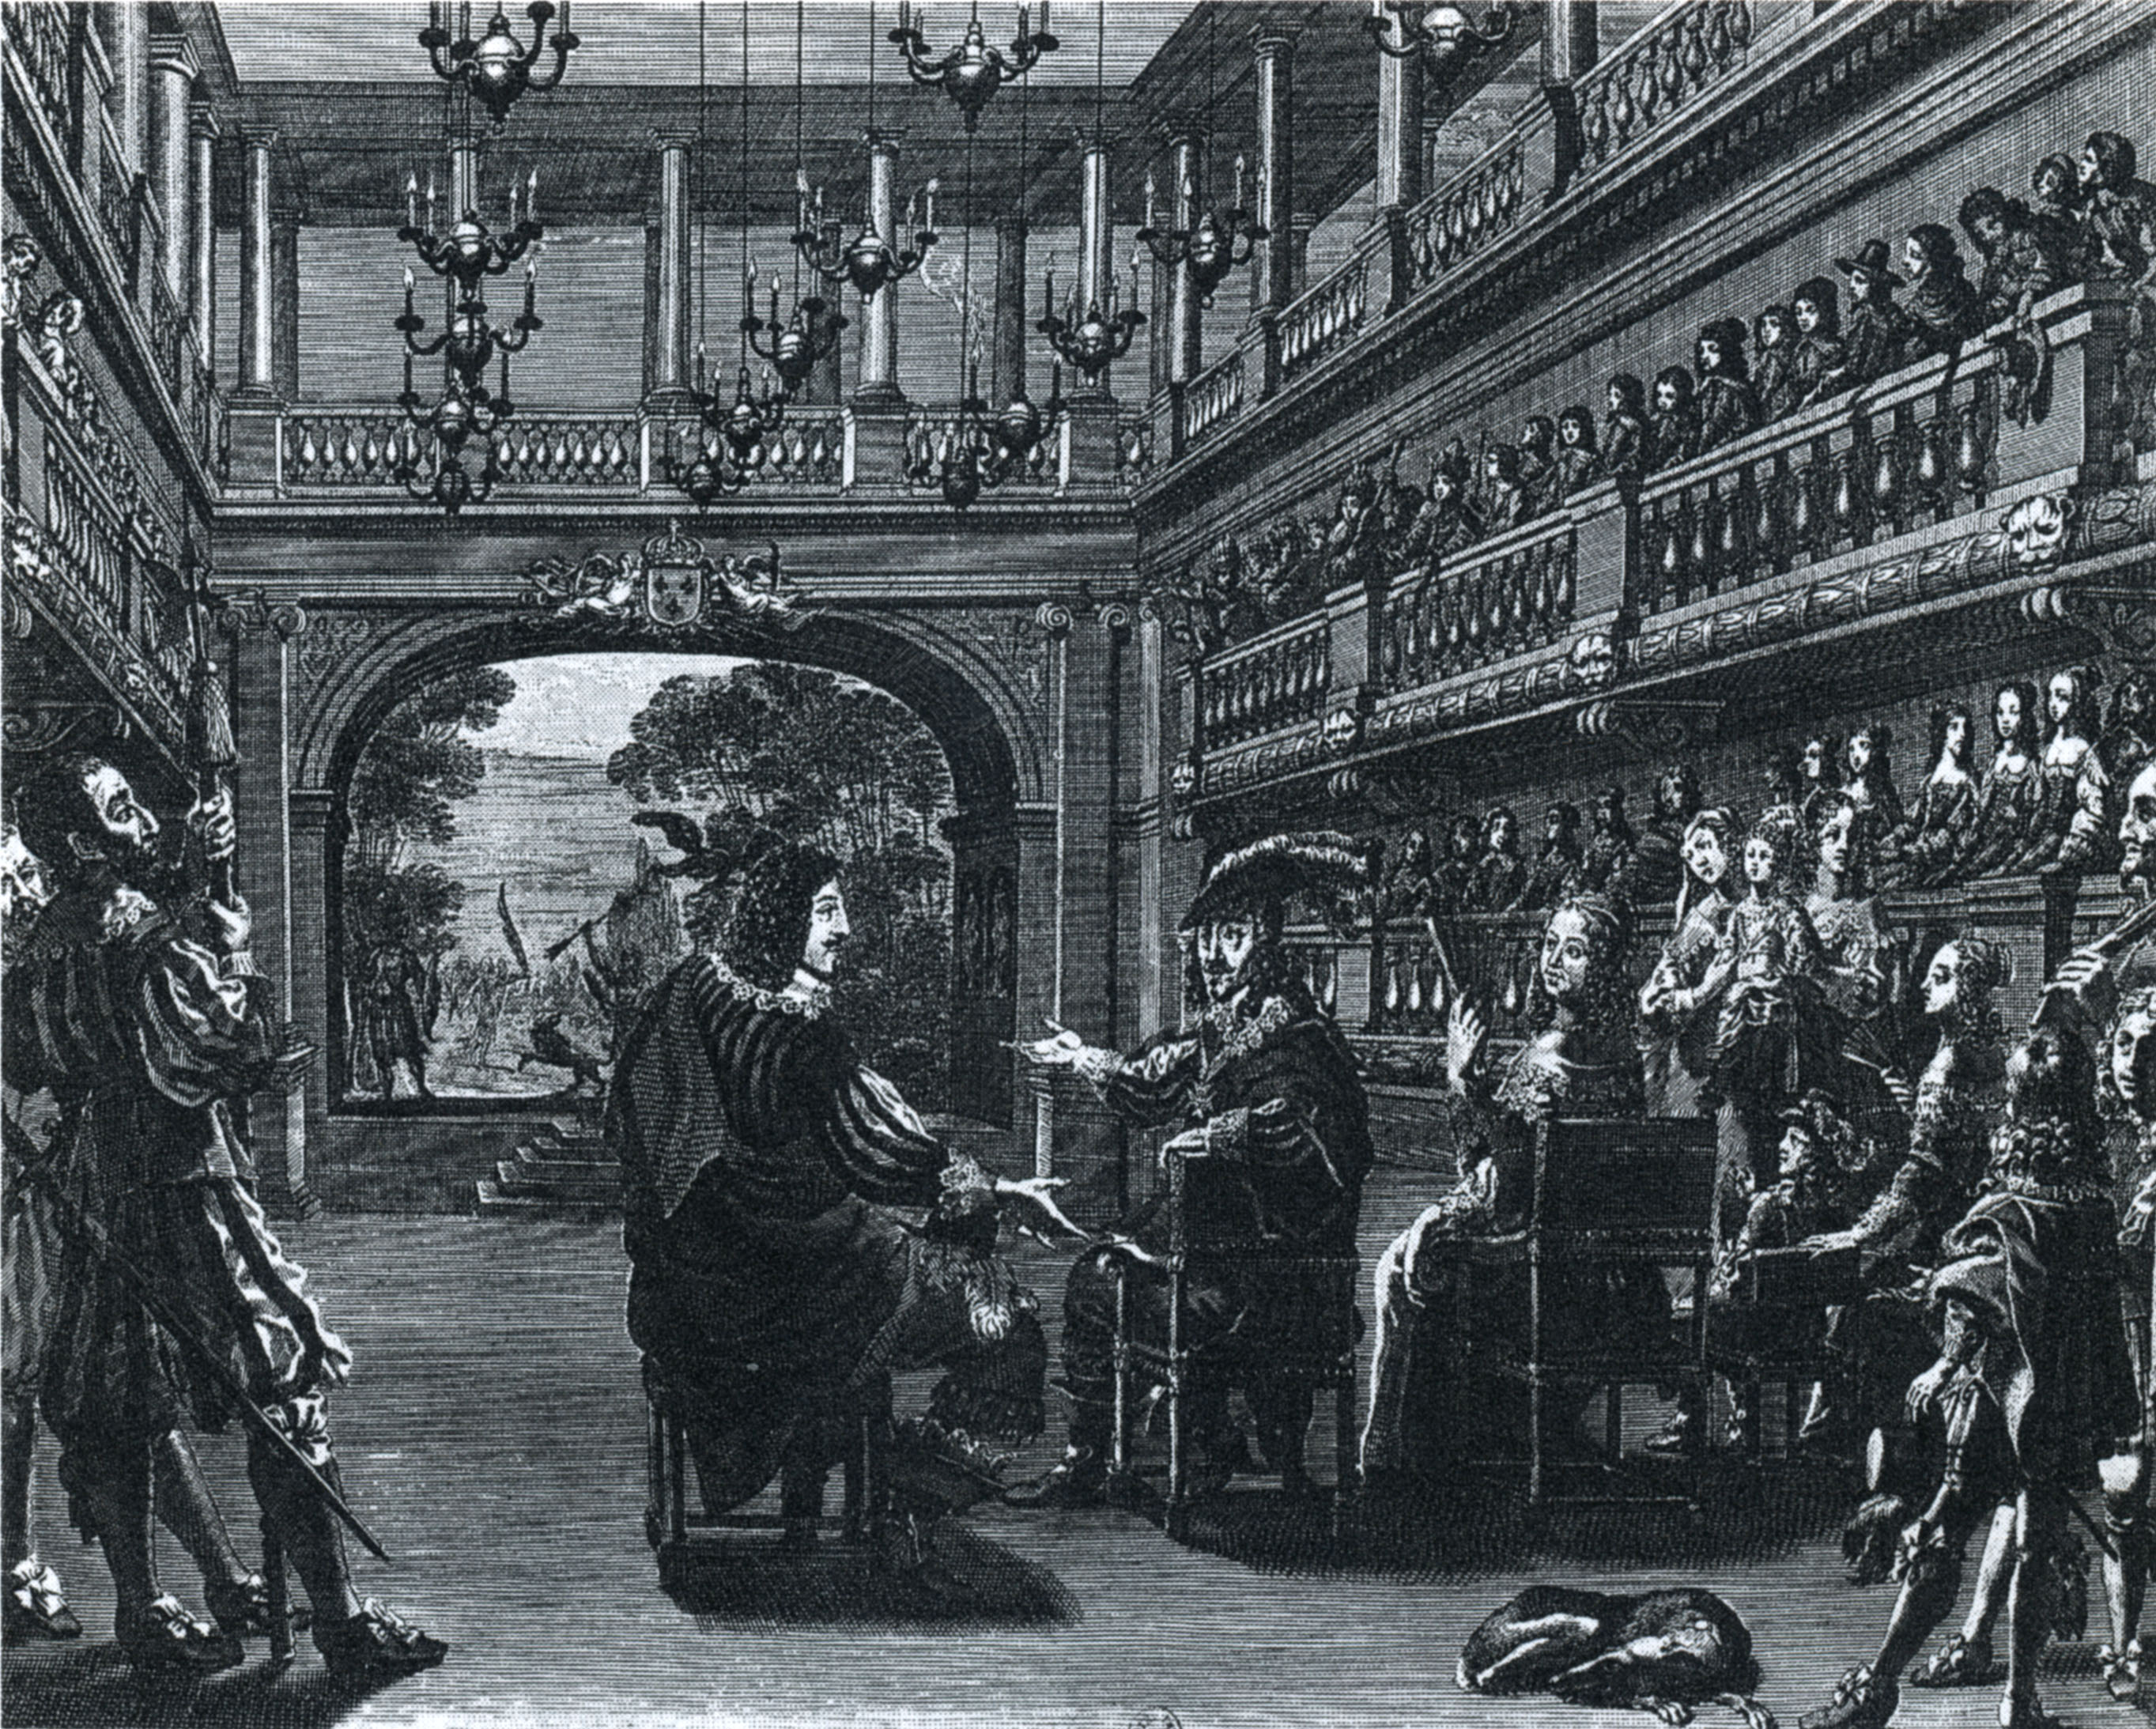 Lochun, Michael van. 1643. Premiere salle du Palais-Royal.  Kupferstich. Das Bild zeigt von links nach rechts Richelieu, Ludwig XIII., Anna von Österreich und den kindlichen Ludwig XIV. Quelle: Wikimedia Commons. CCO.